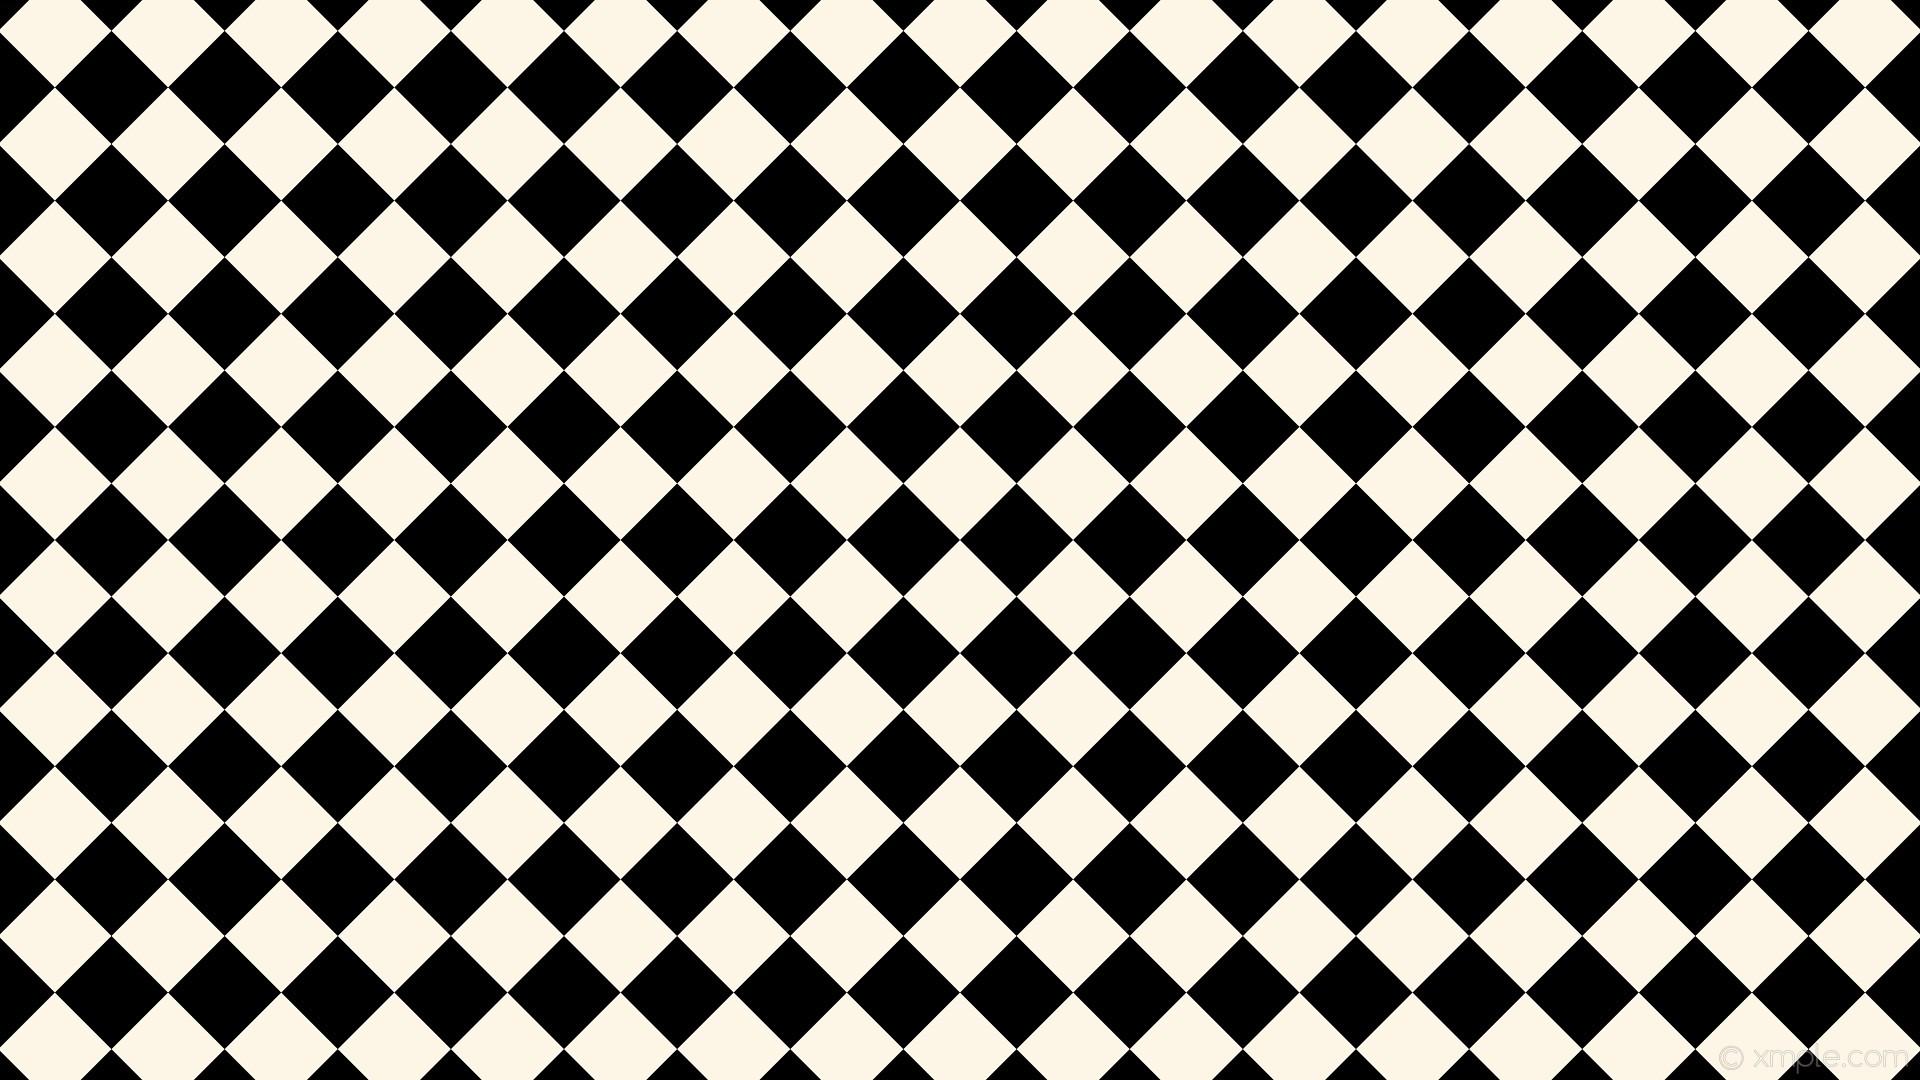 Checkerboard Wallpaper for pc